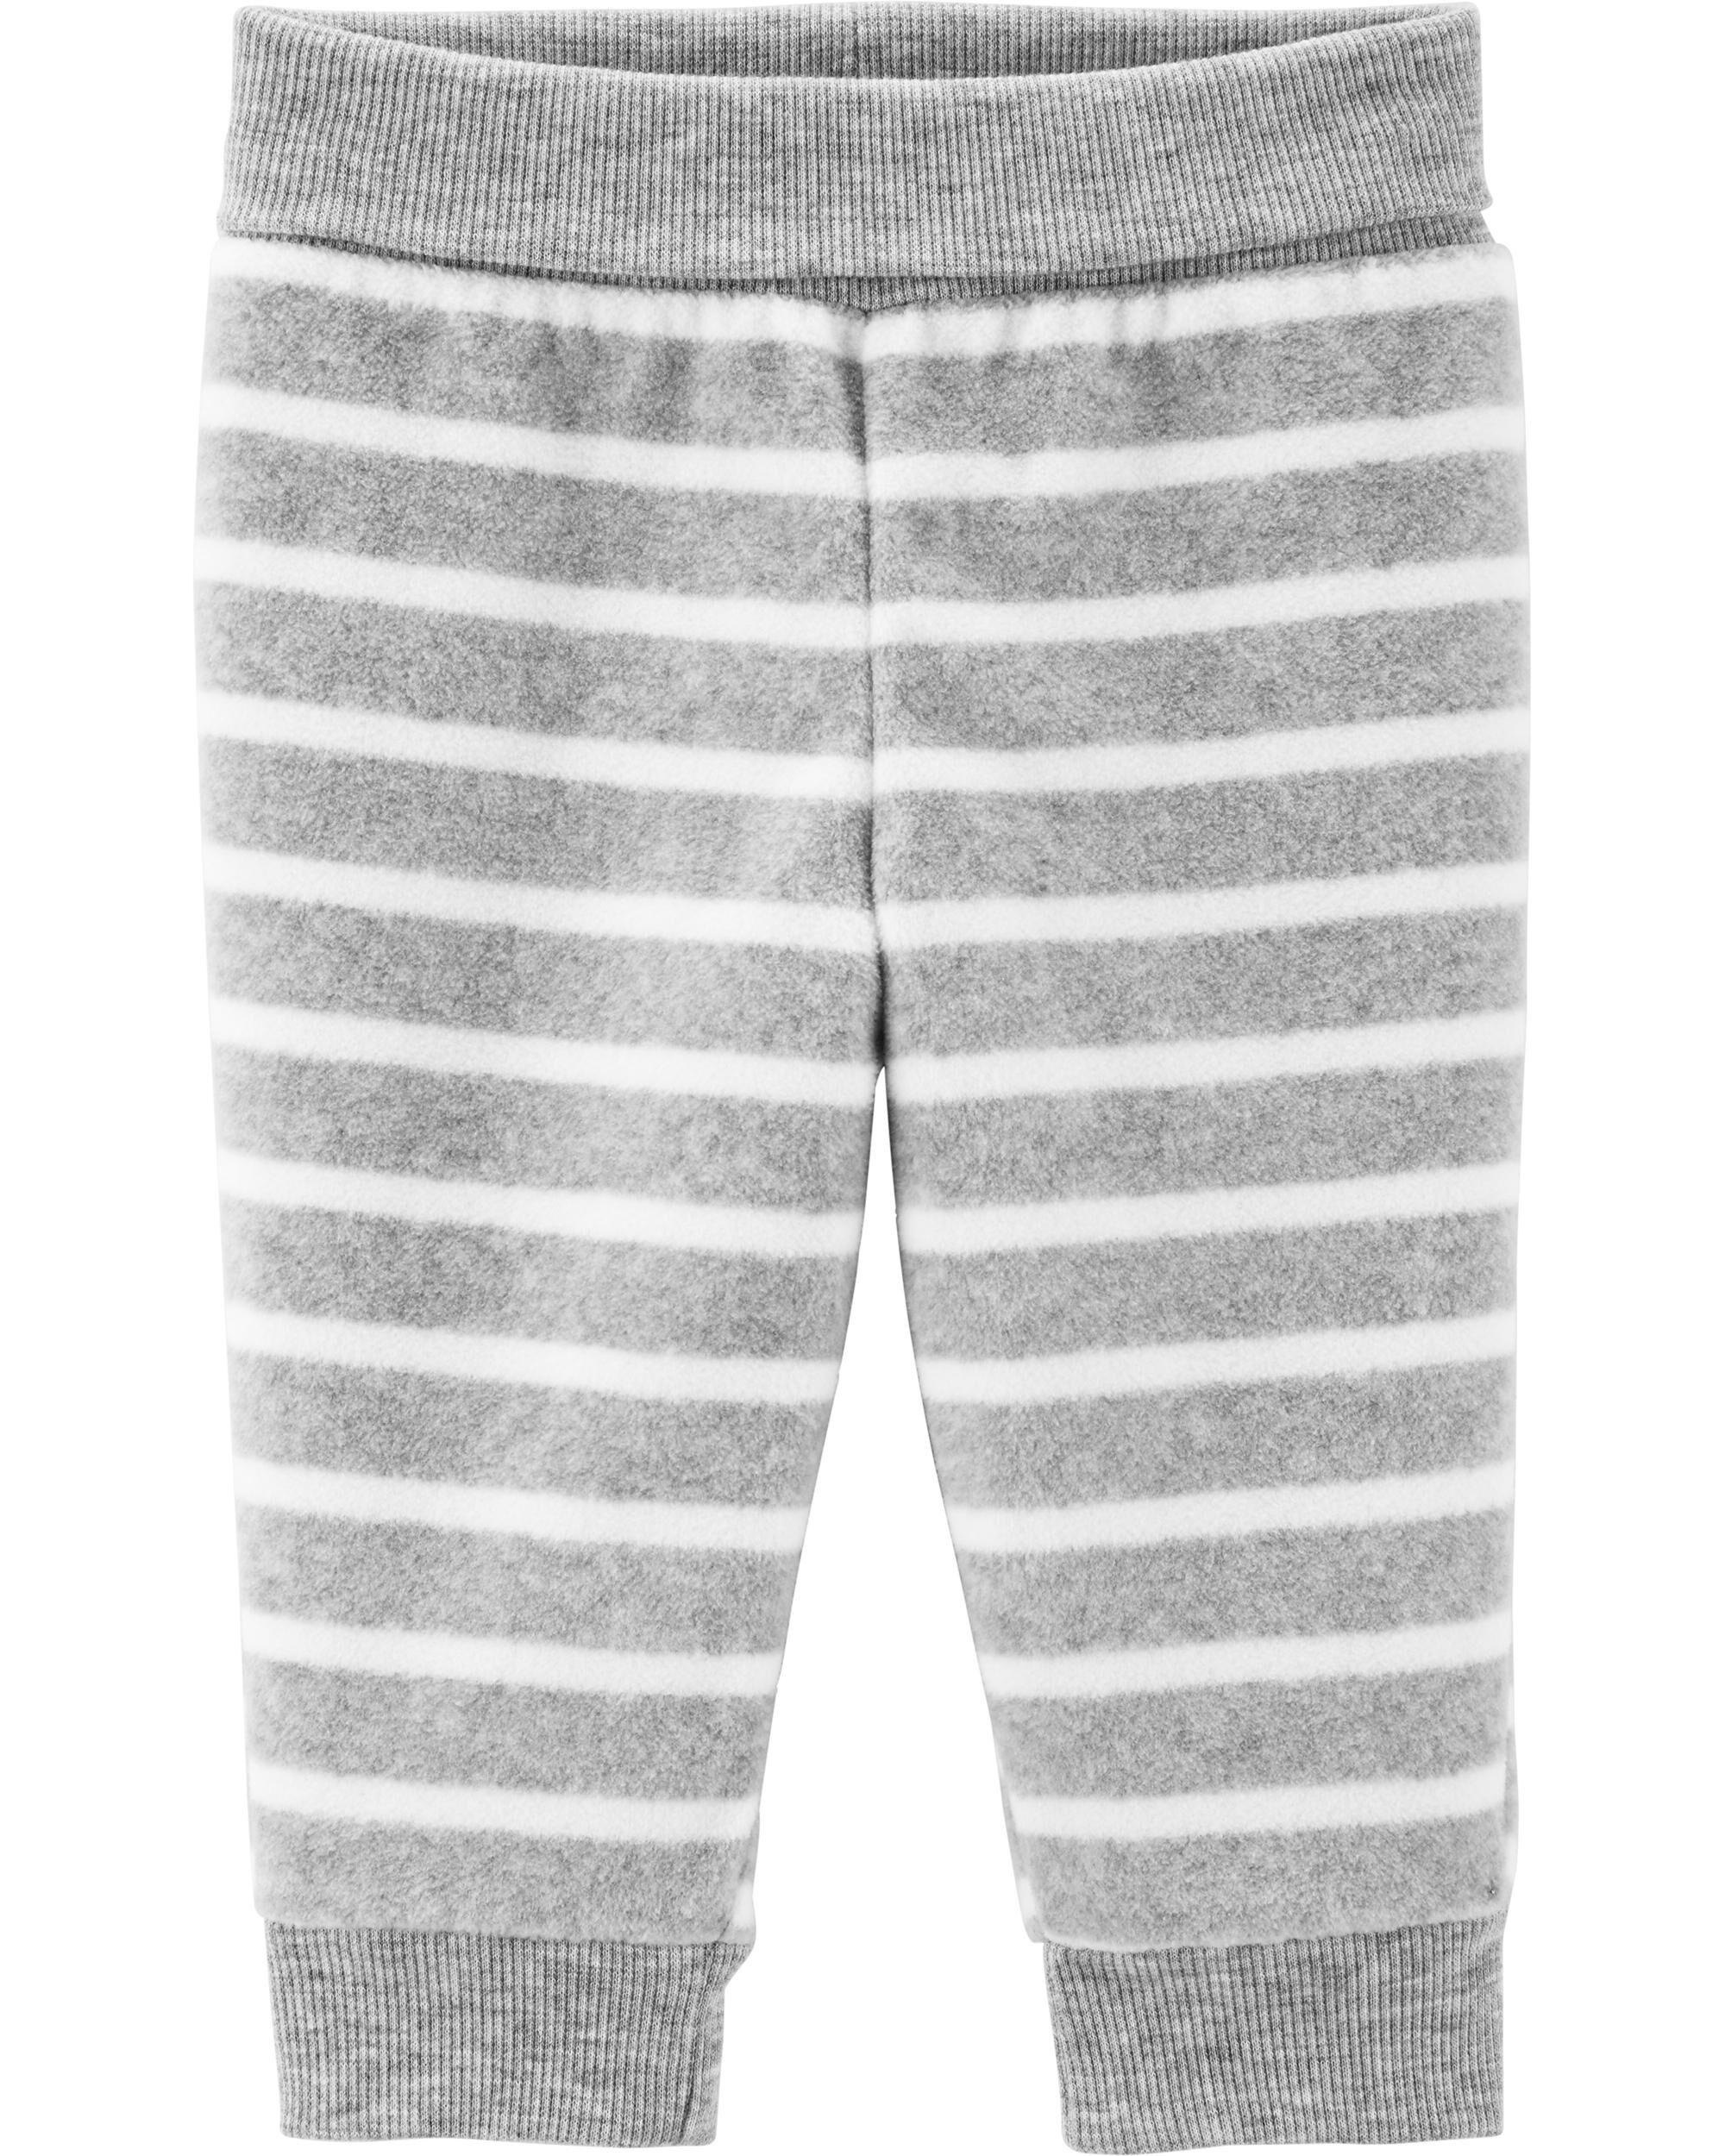 *DOORBUSTER* Striped Pull-On Fleece Pants